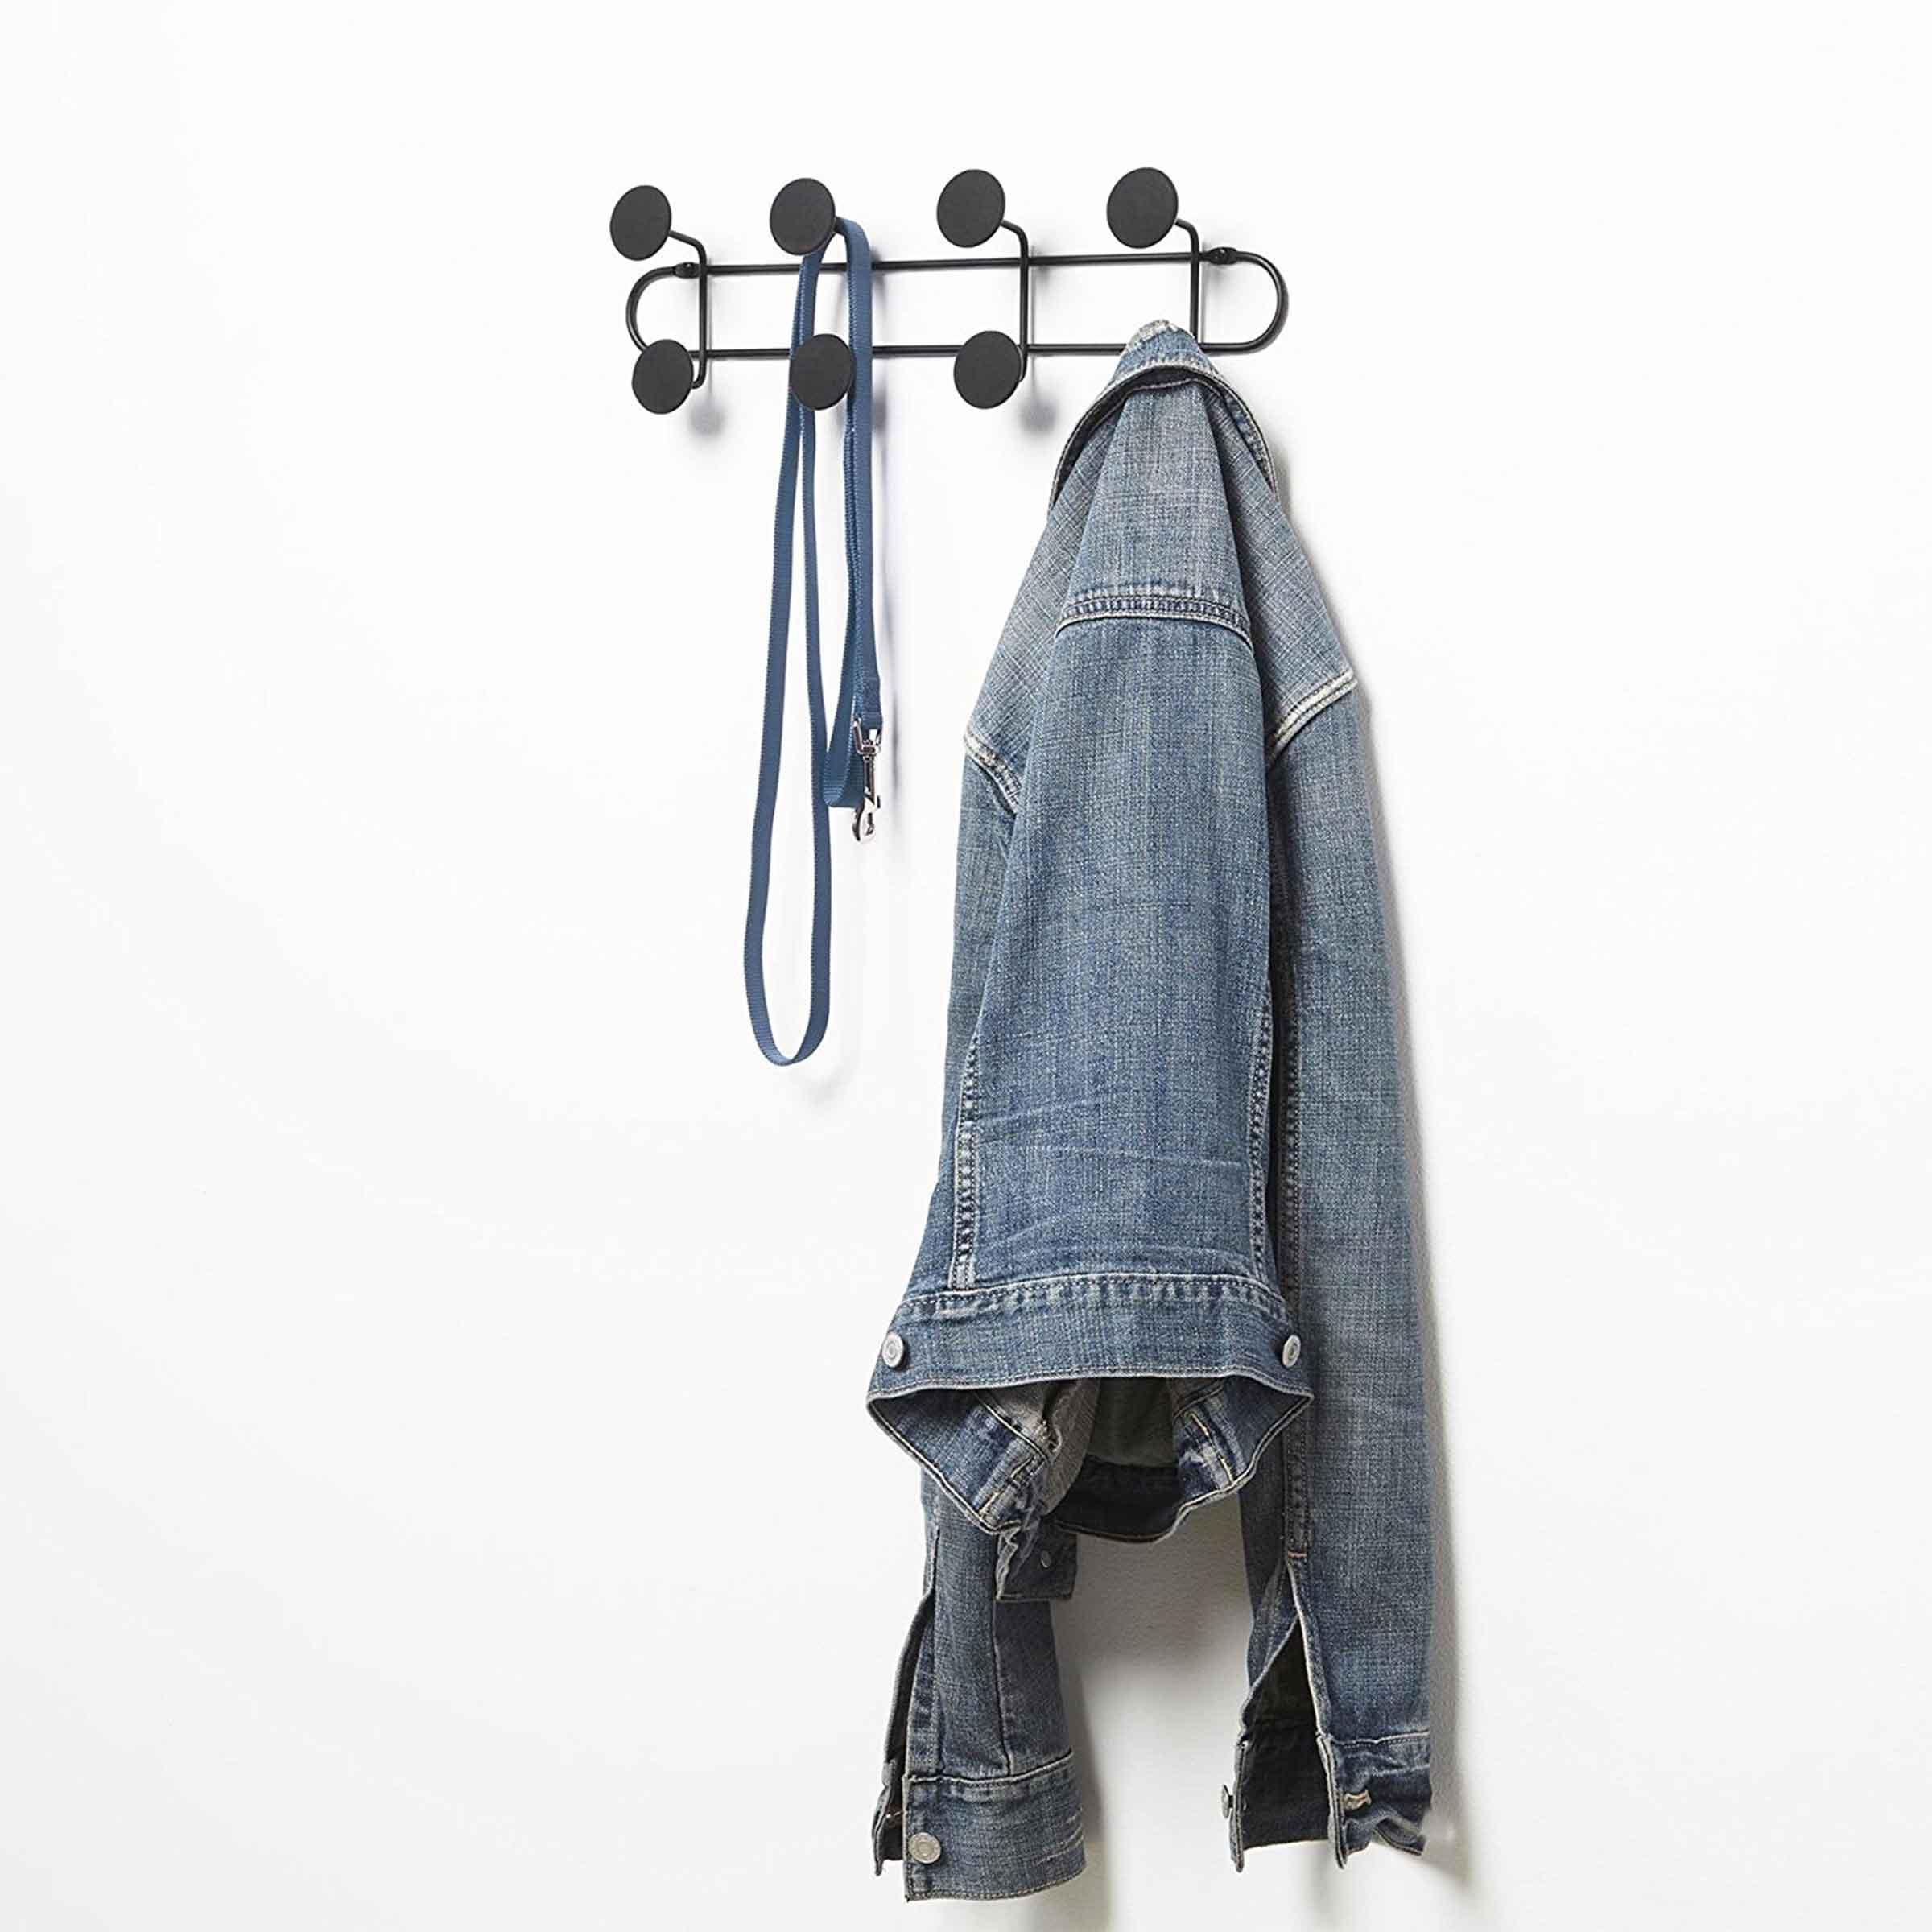 Pat re noire suspendre ou fixer - A quelle hauteur fixer un porte manteau ...